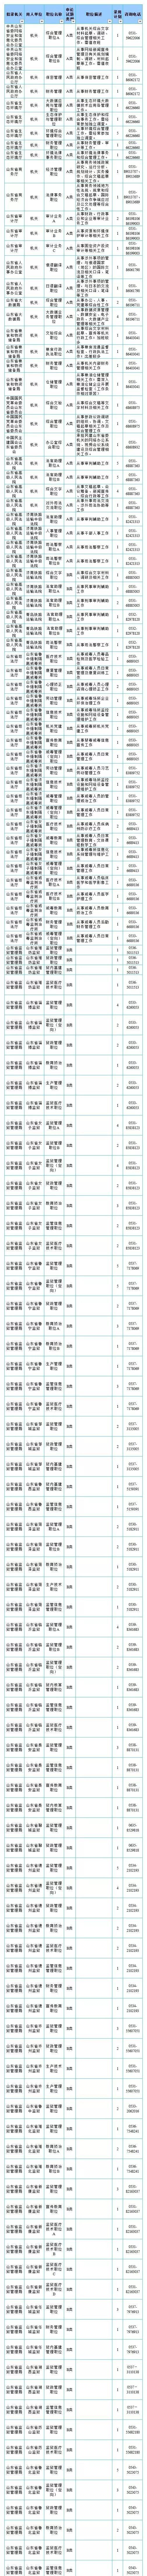 济南商业发2019省直构造及直属单元考录公事员通告